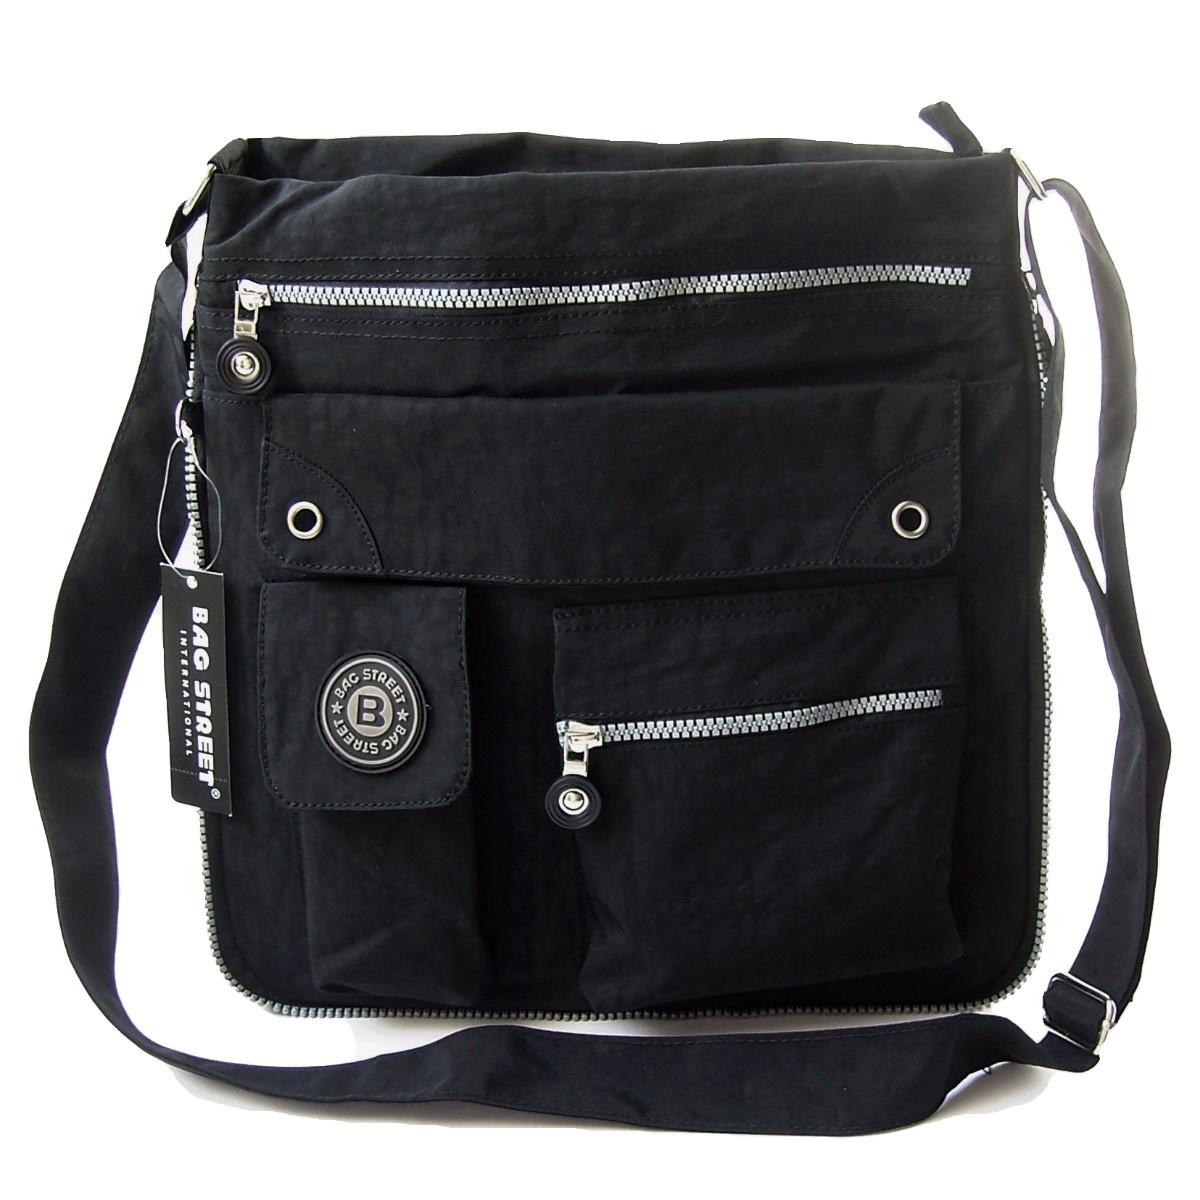 Tasche Umhängetasche Handtasche Bag Street Nylon Schwarz Ta5091